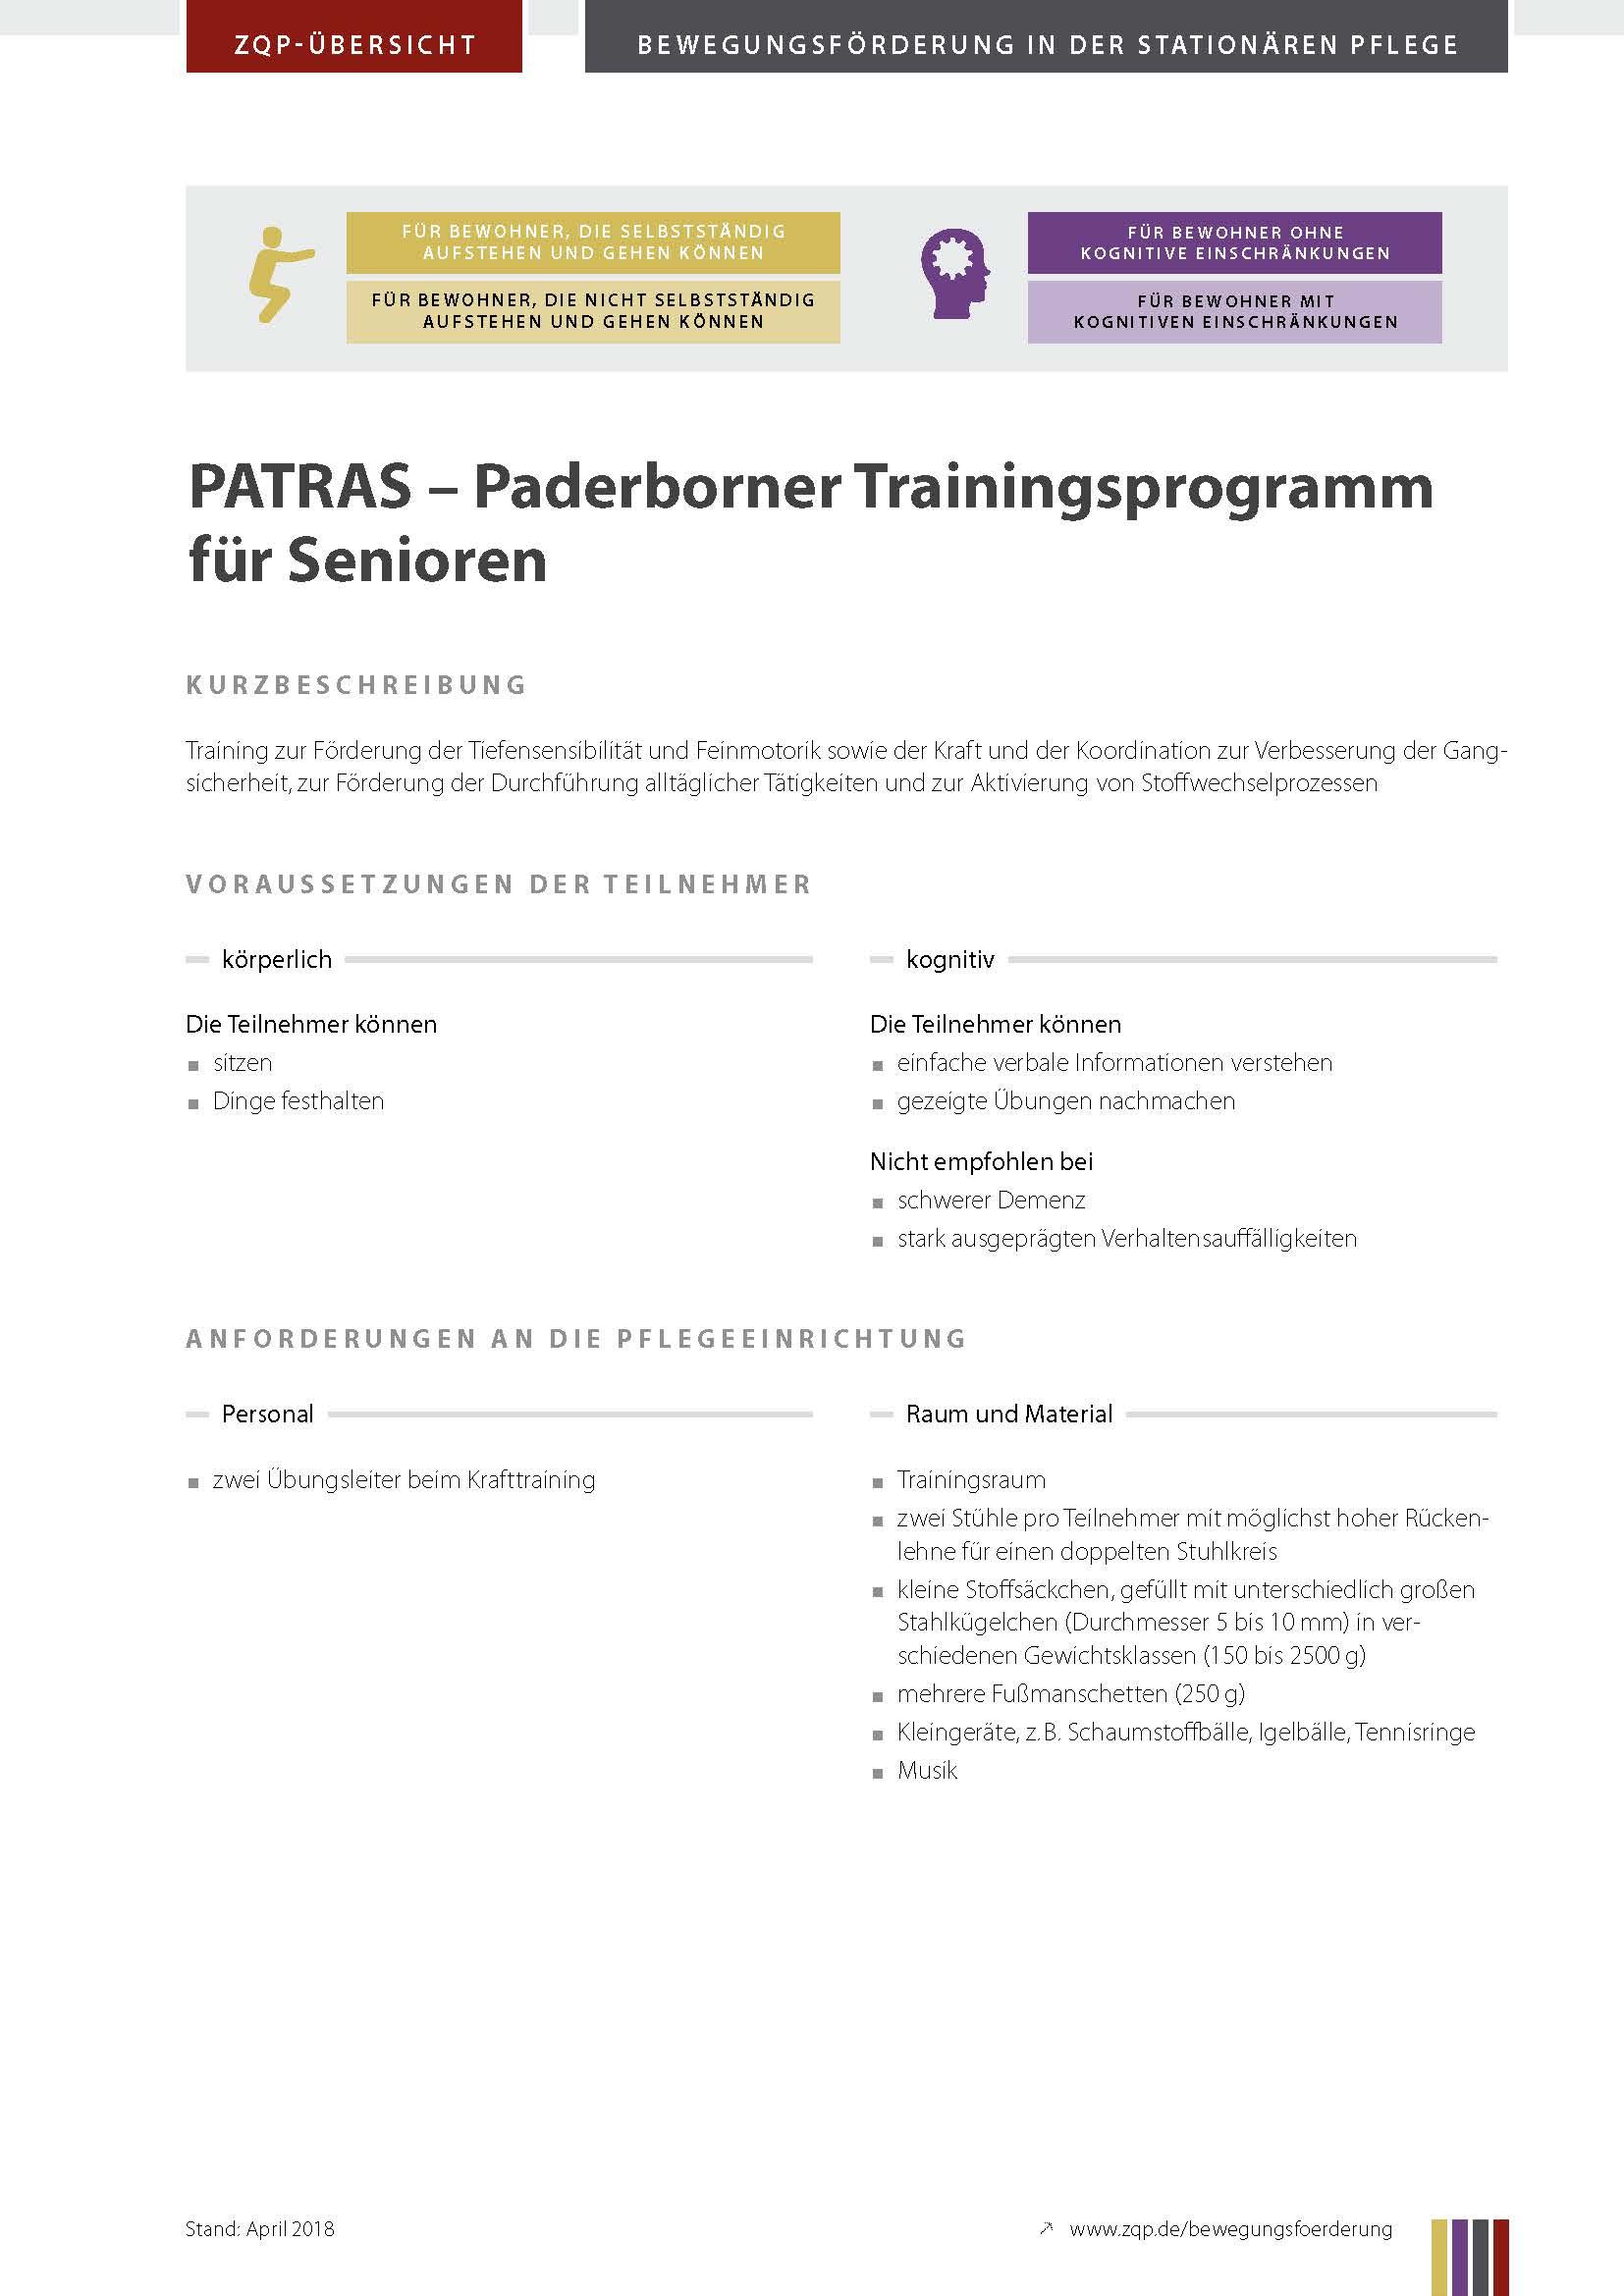 Titelblatt Paderborner Trainingsprogramm für Senioren